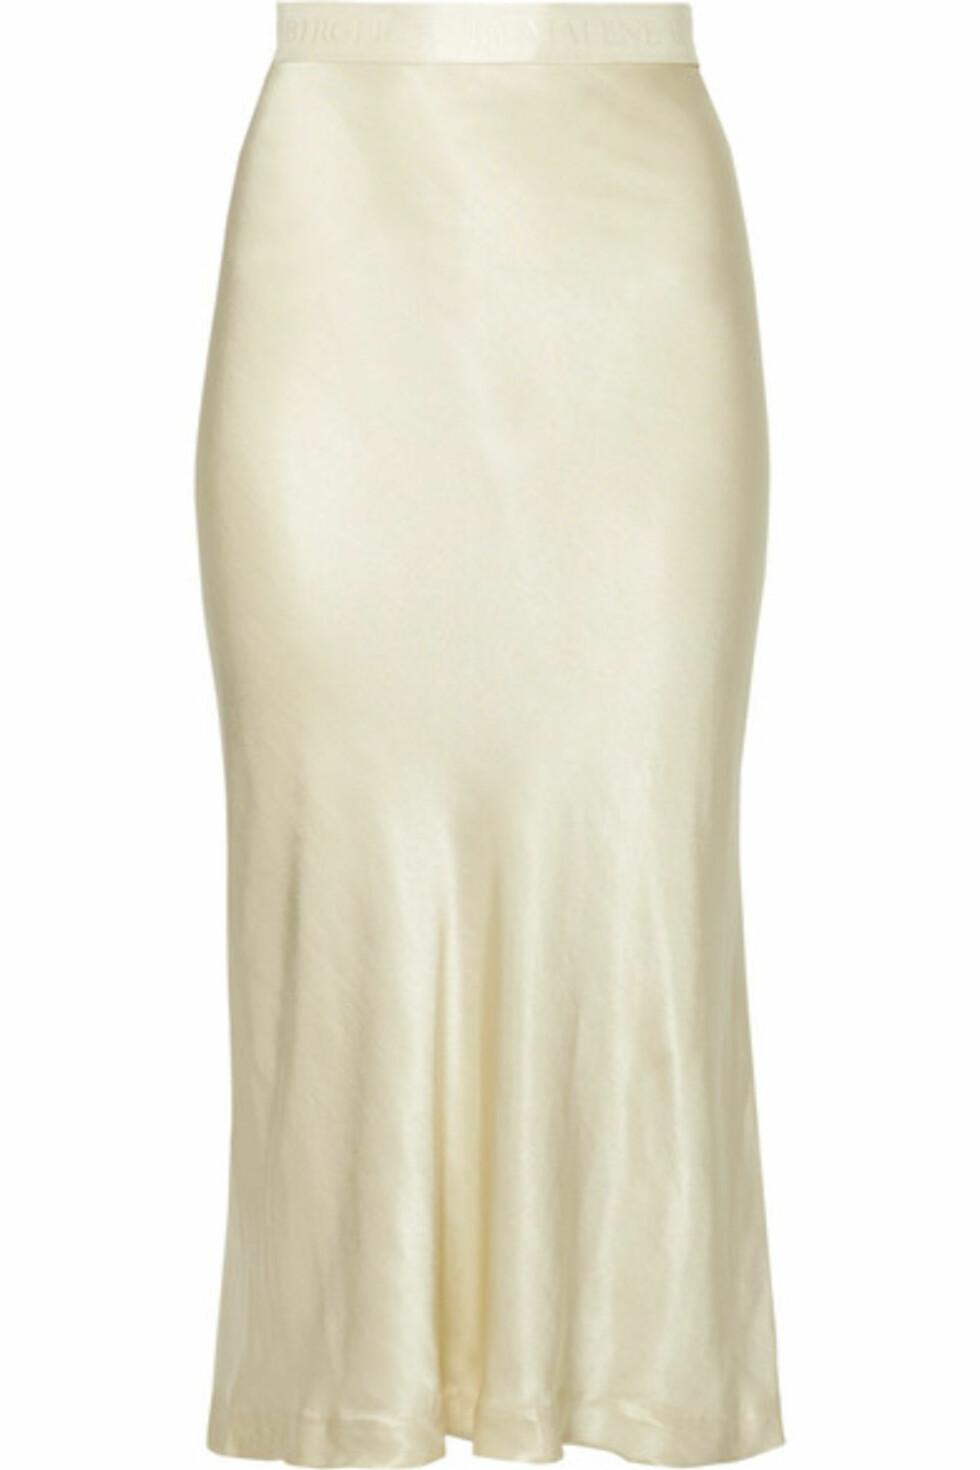 Skjørt fra By Malene Birger  2860,-  https://www.net-a-porter.com/no/en/product/991829/by_malene_birger/kimberley-satin-midi-skirt